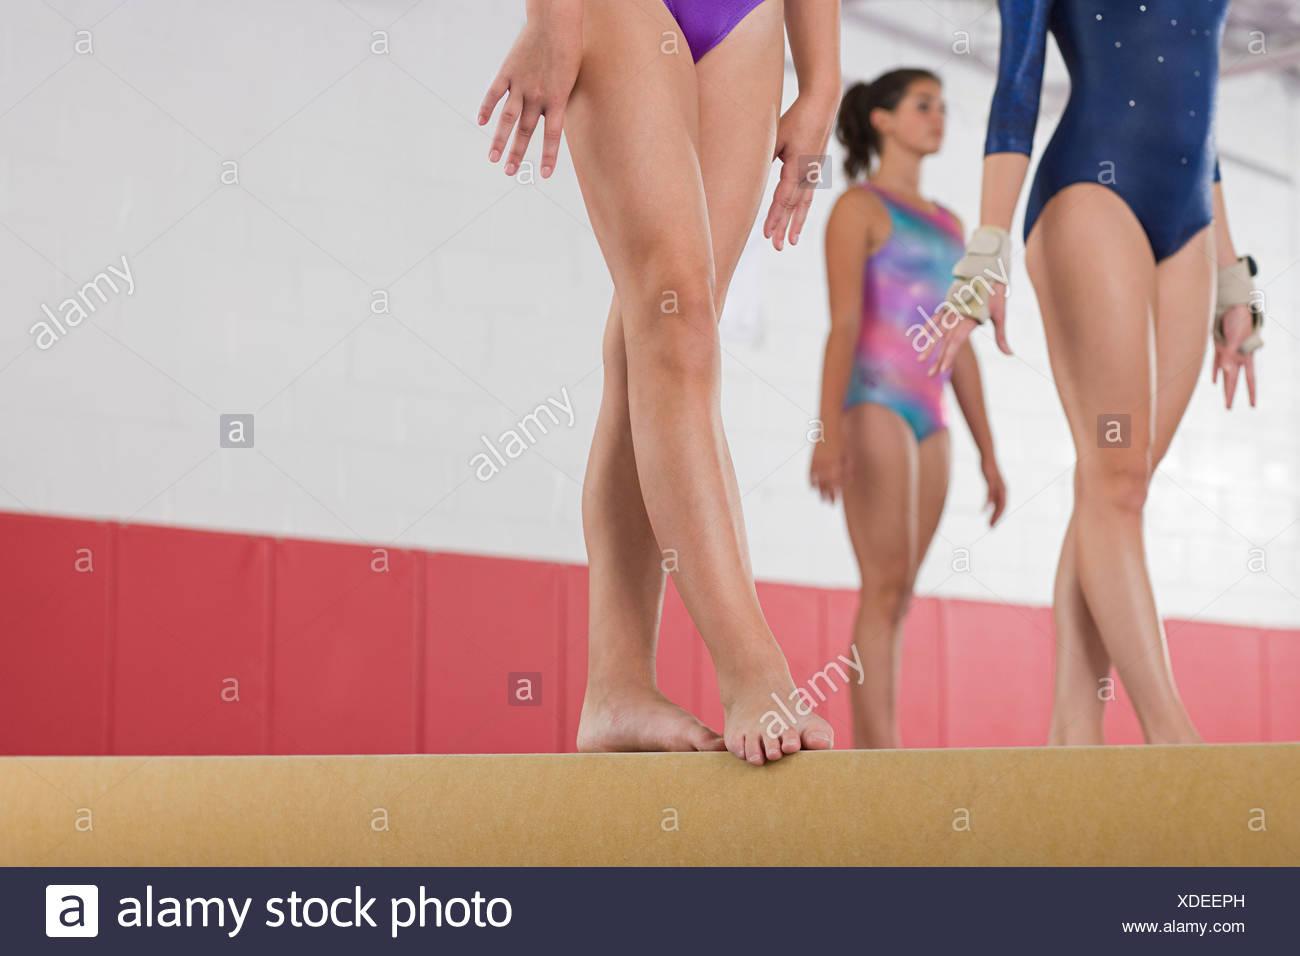 Les gymnastes, debout sur une balance Photo Stock